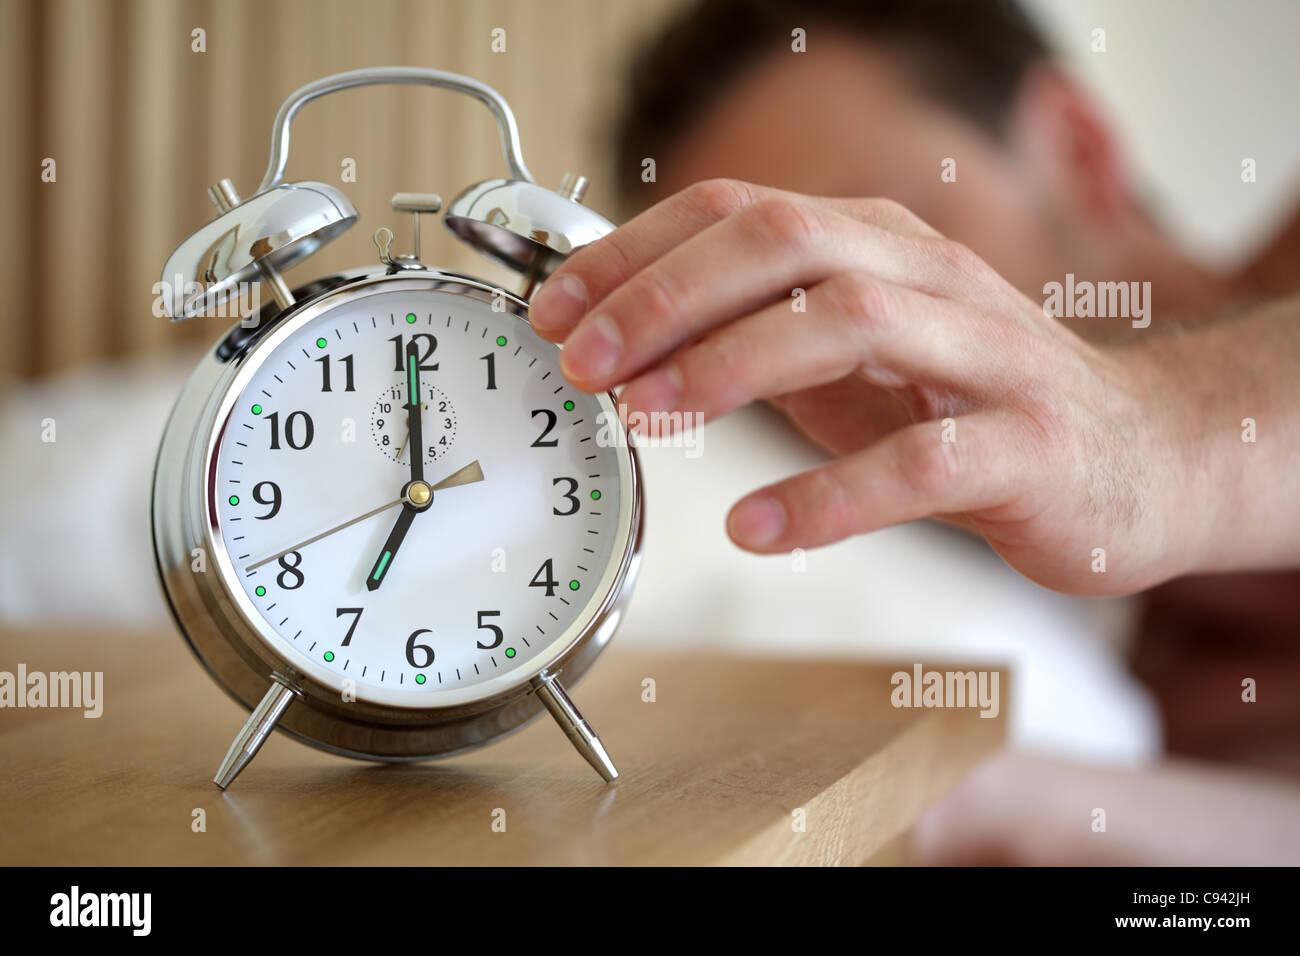 La désactivation d'un réveil Photo Stock